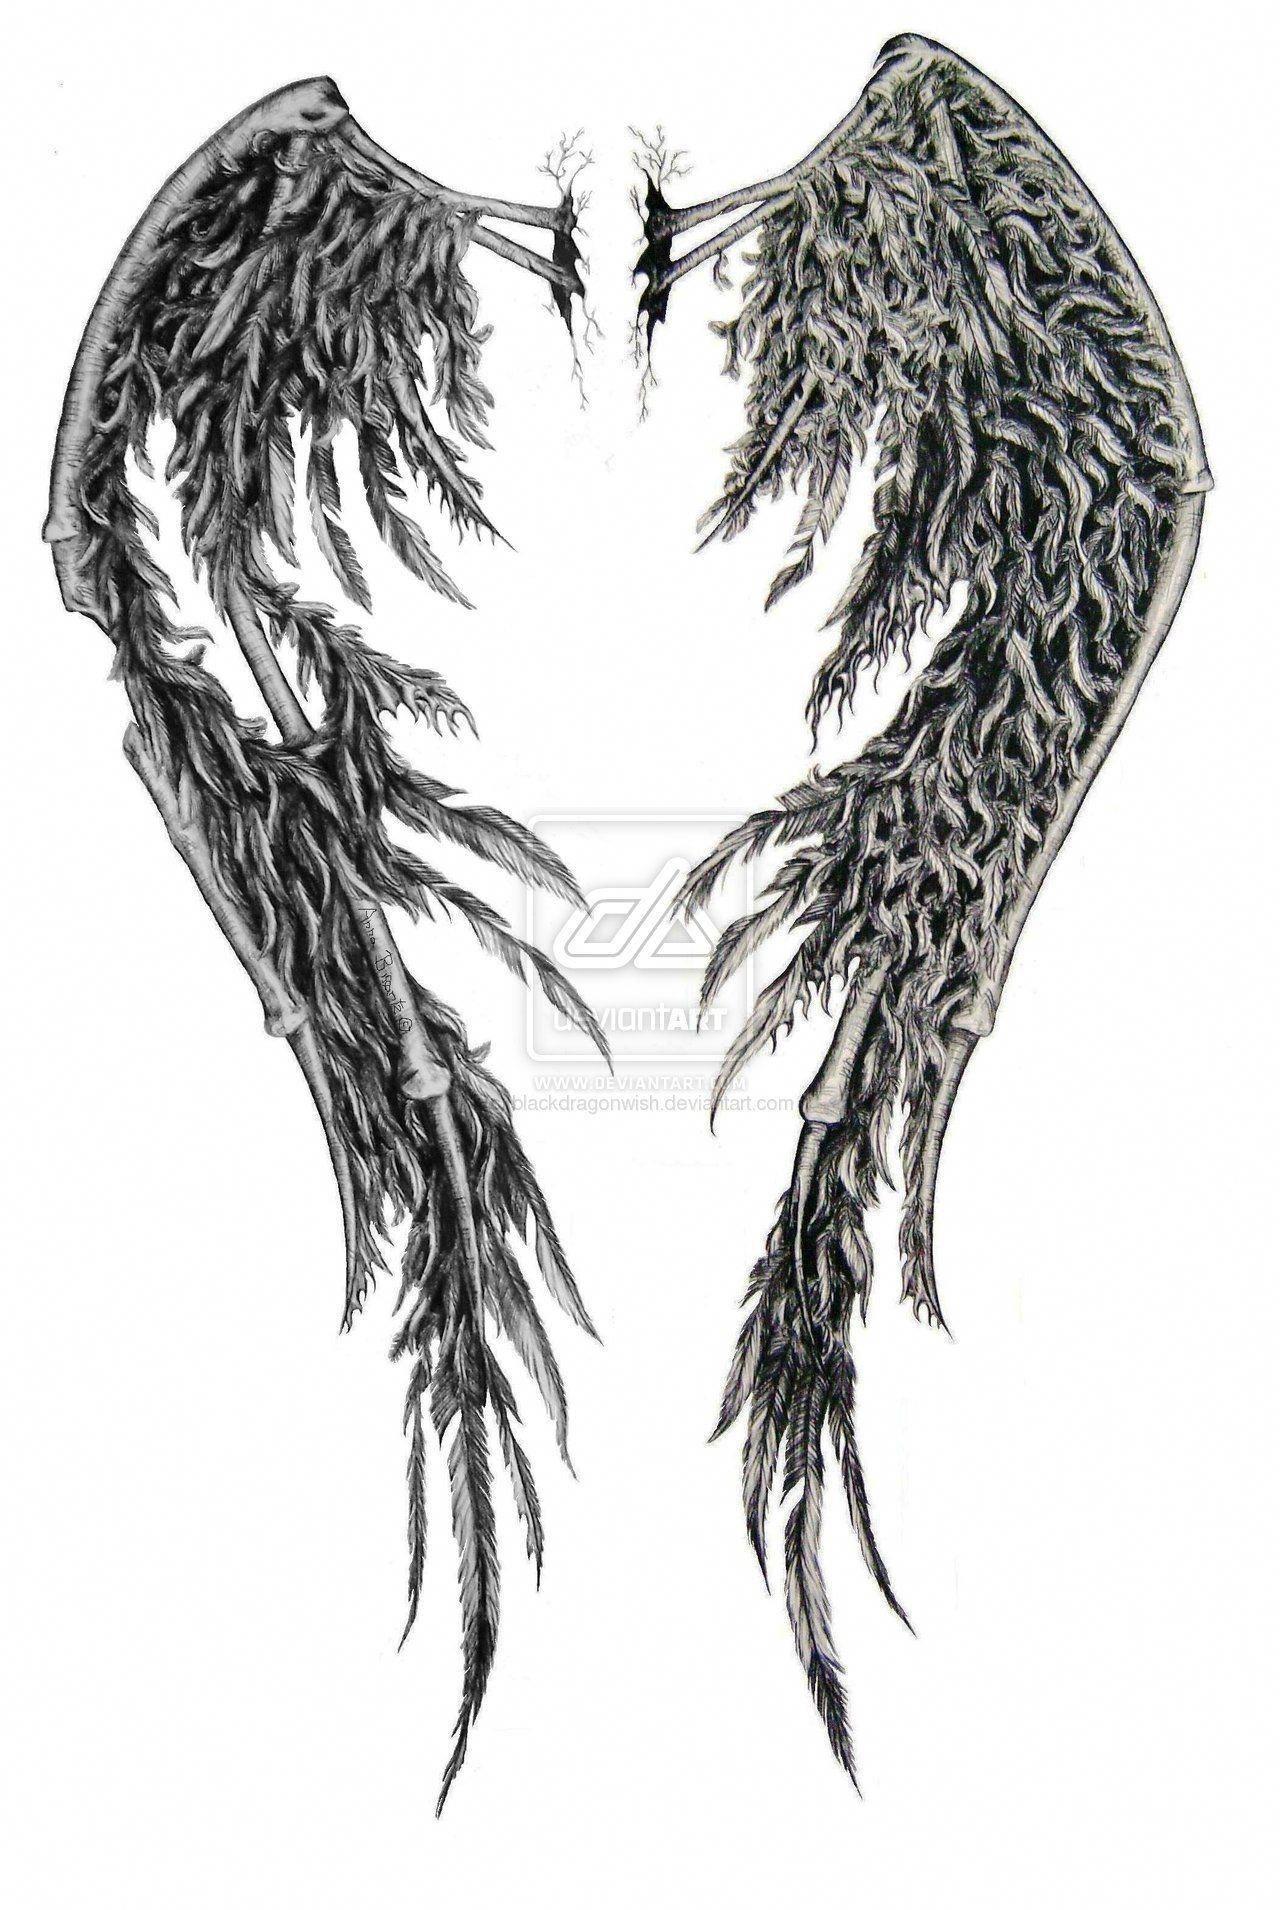 8860fb2d5d2b7 Fallen Angel wing tattoo design ideas #Tattoosonback | Tattoos on ...